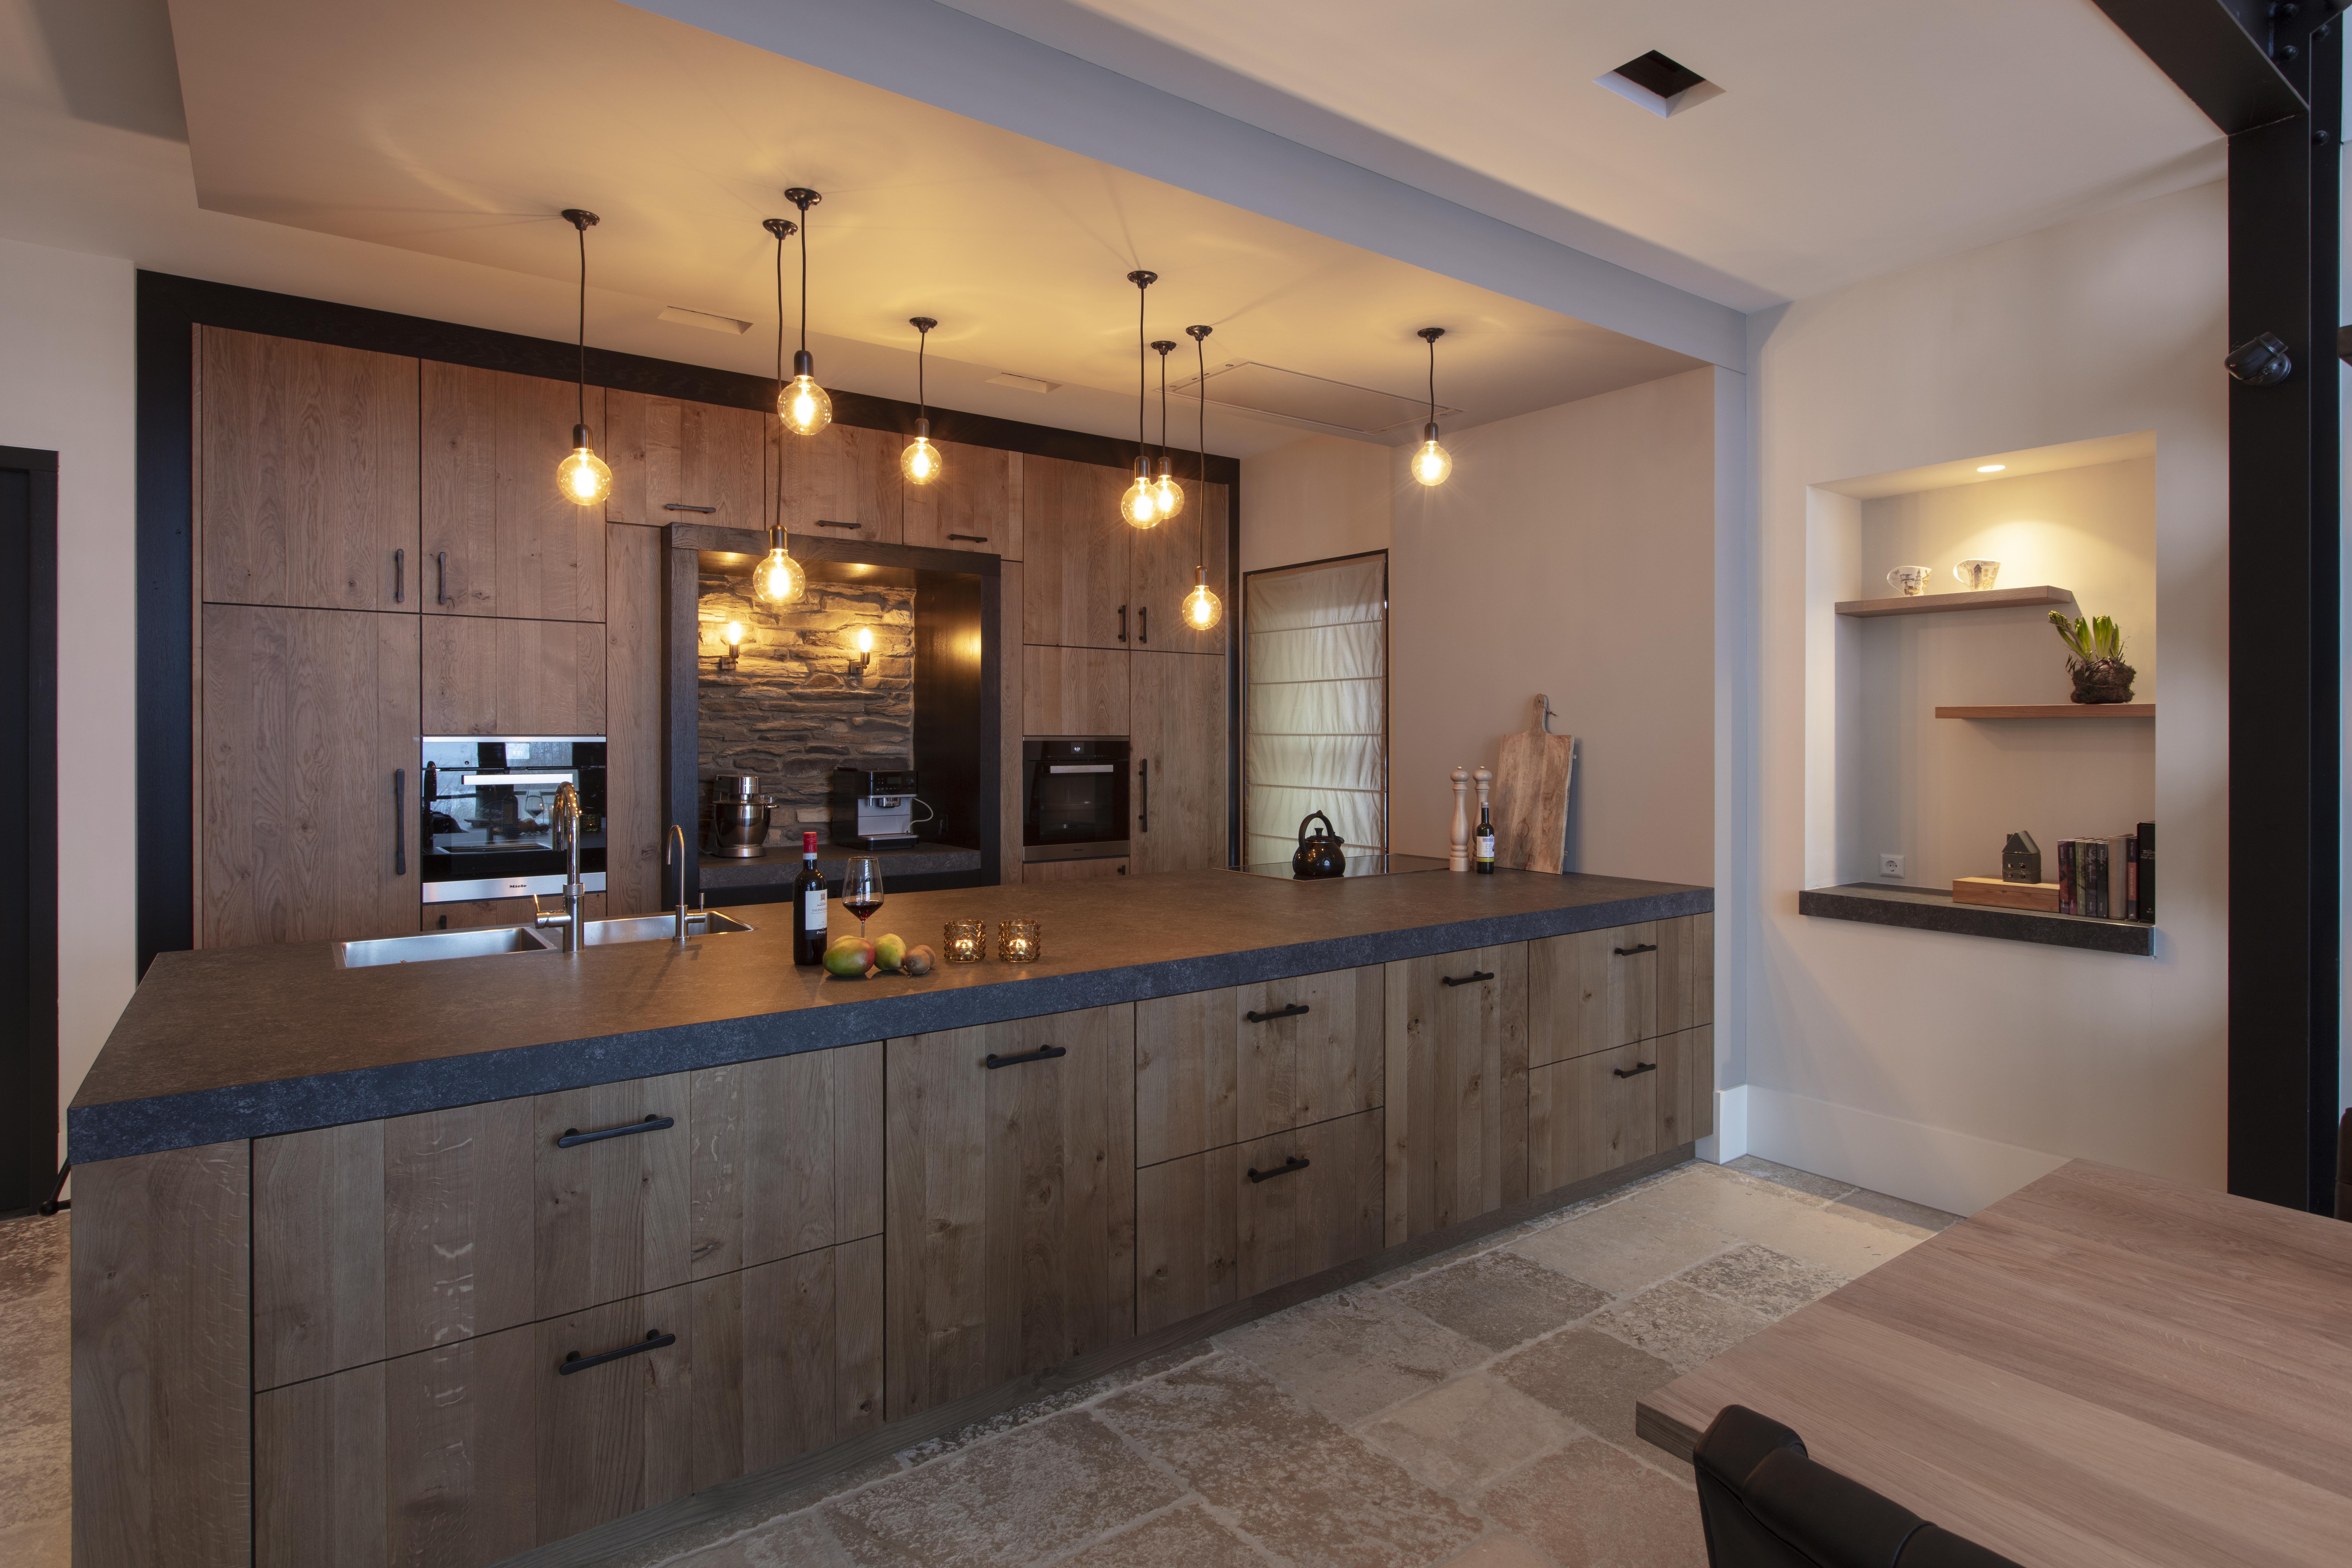 Klasse Keukens Leende : Massief eiken keuken in landelijke stijl huisman keukens en sanitair